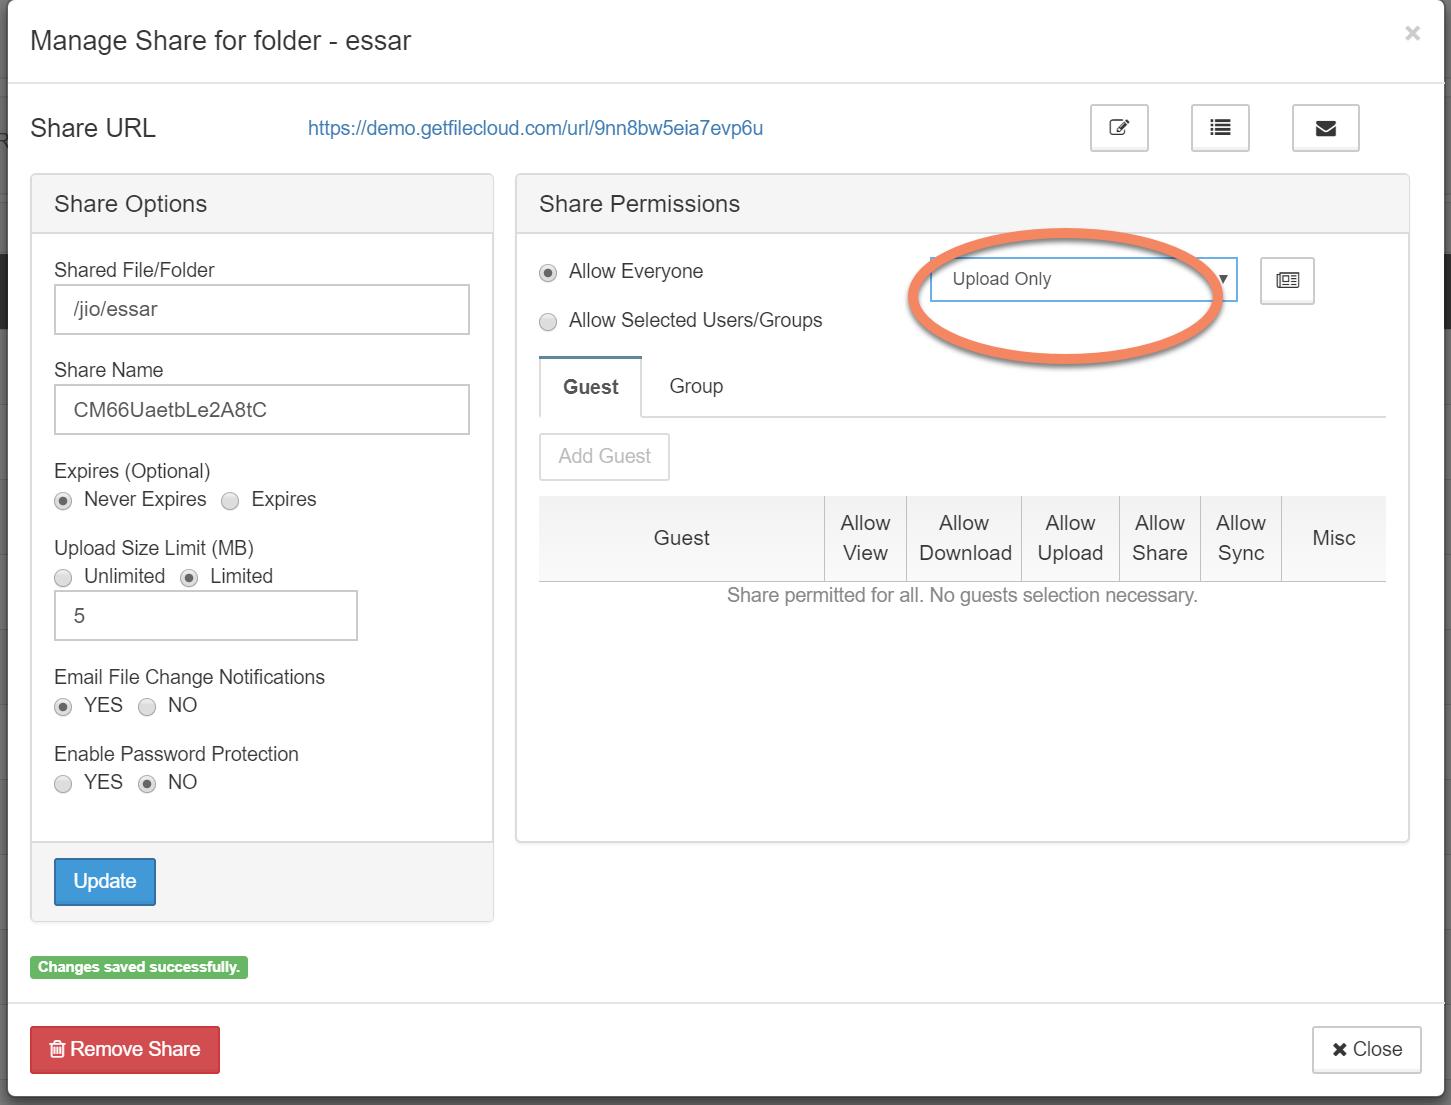 Secure file sharing - Upload only option